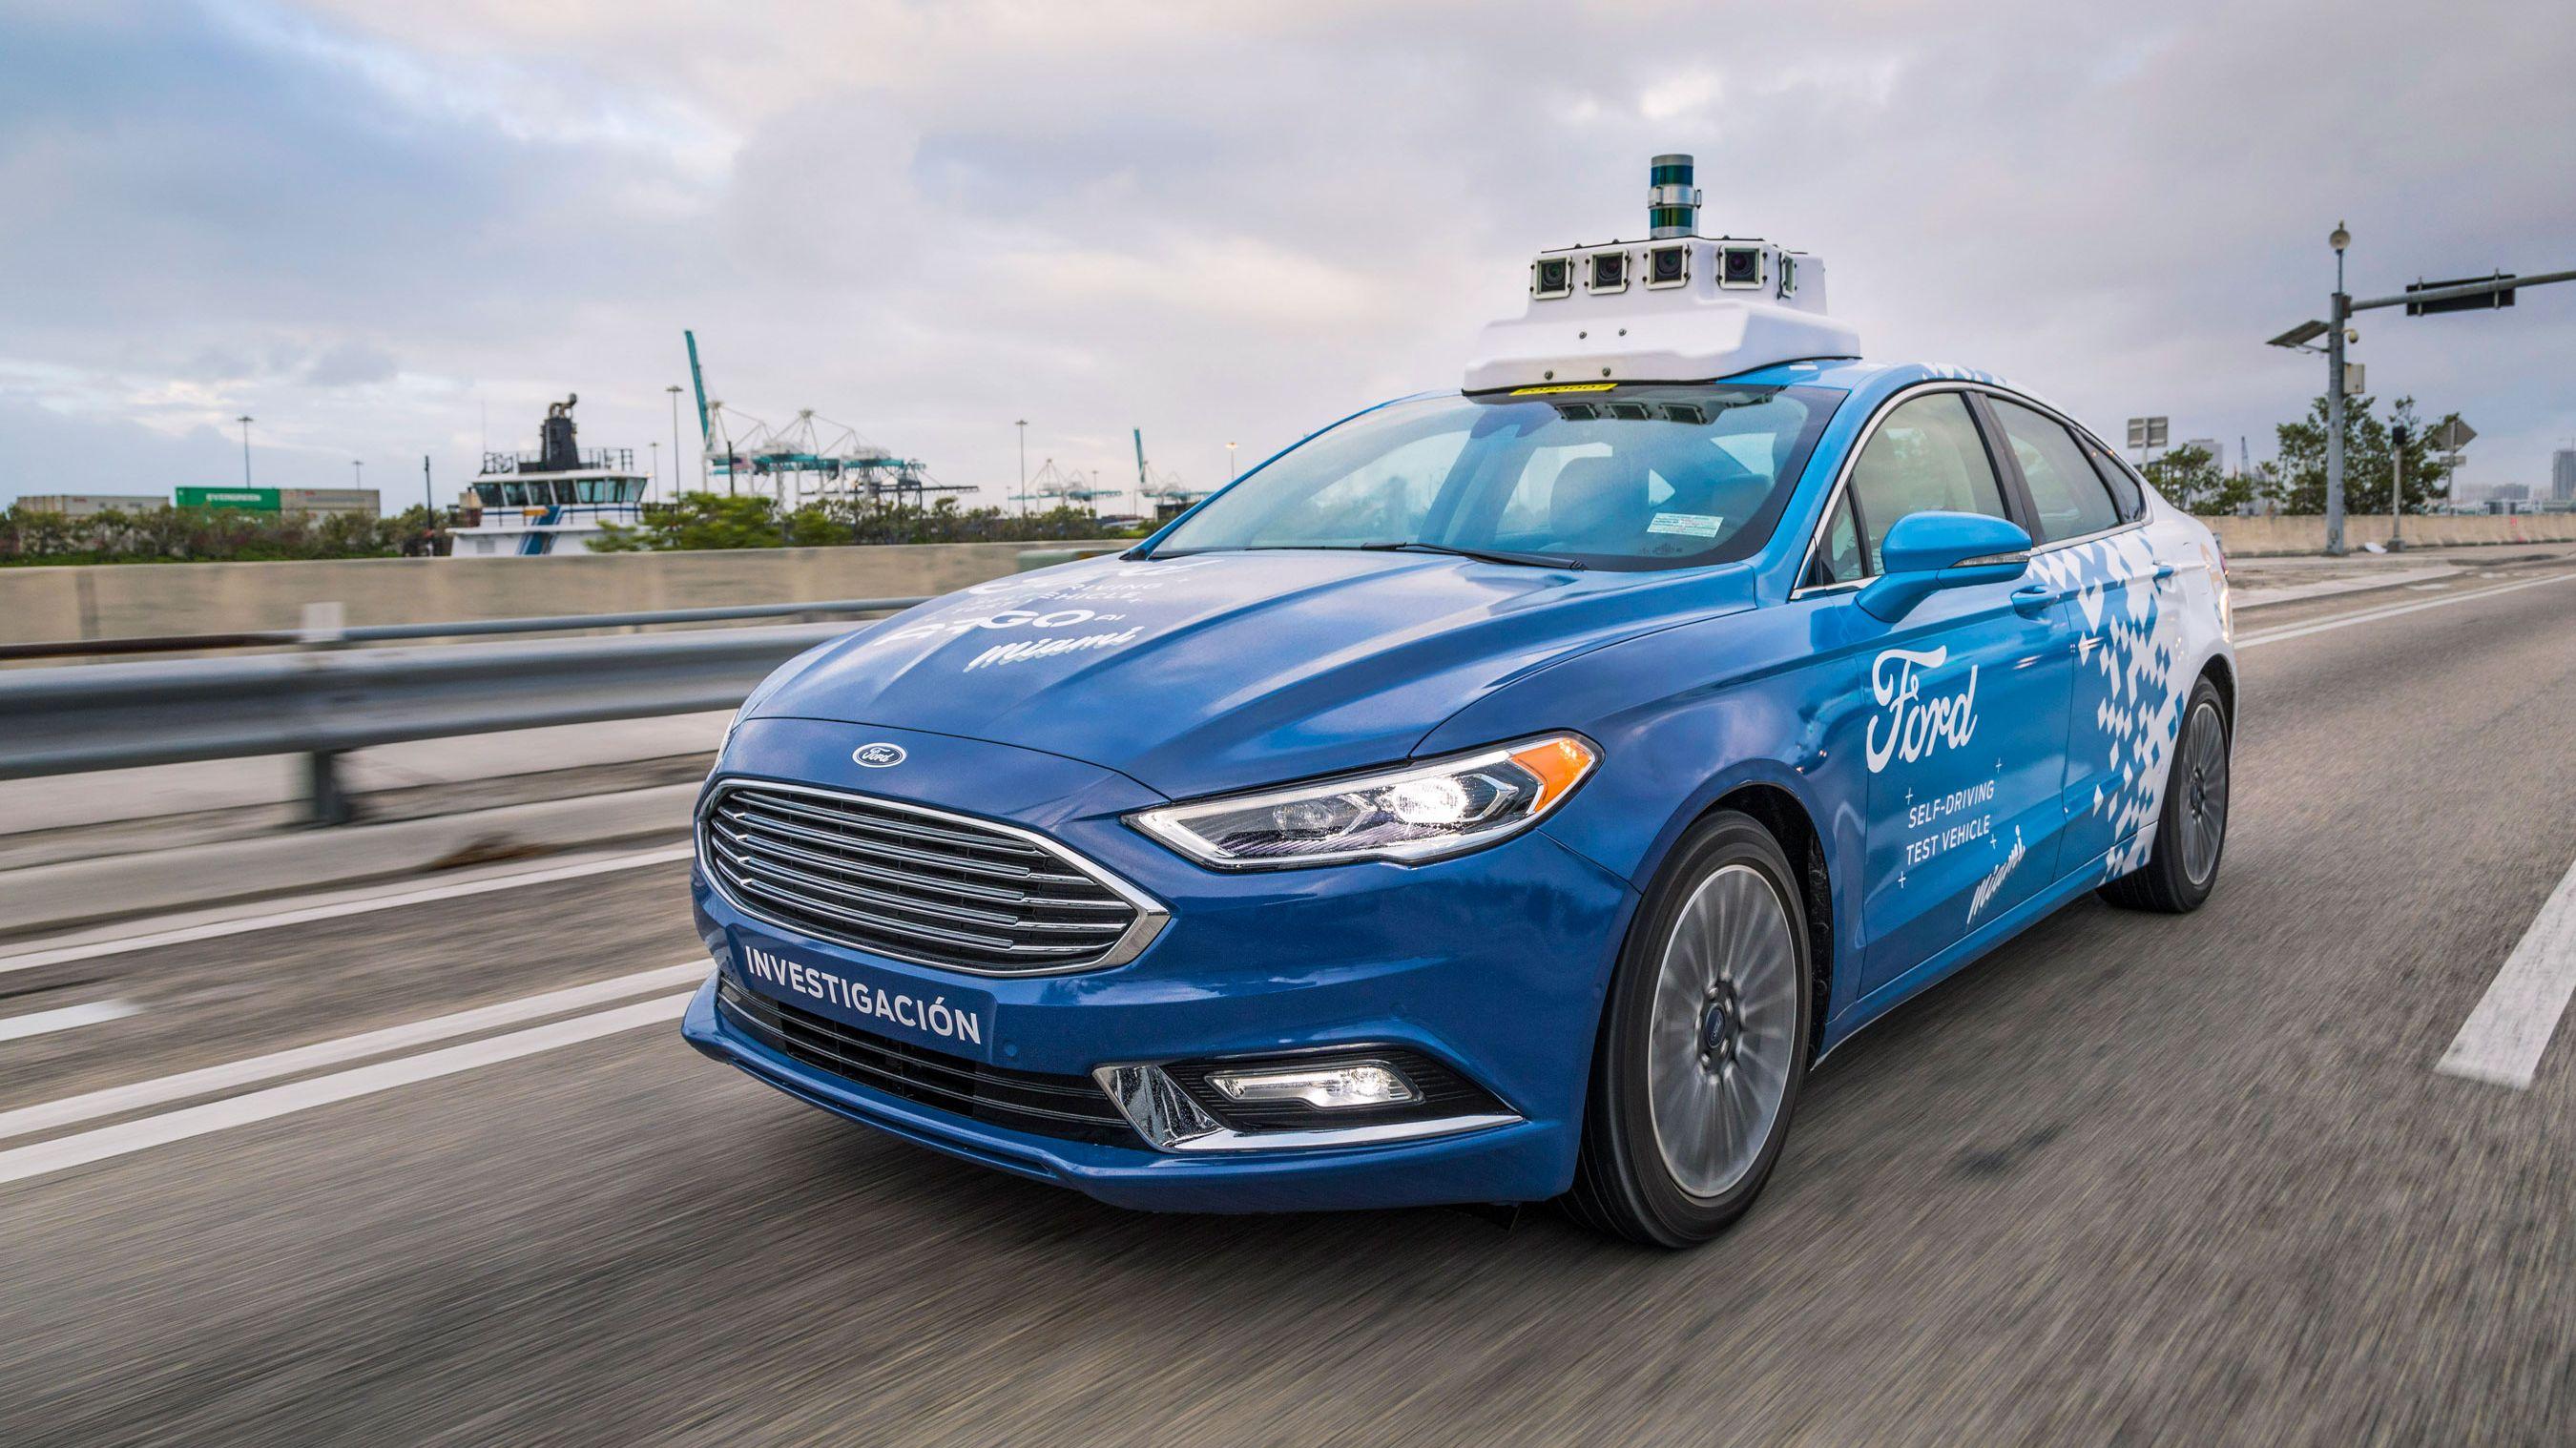 21年に「半額」タクシー、 自動運転で脱メーカー目指す フォードの野心的計画